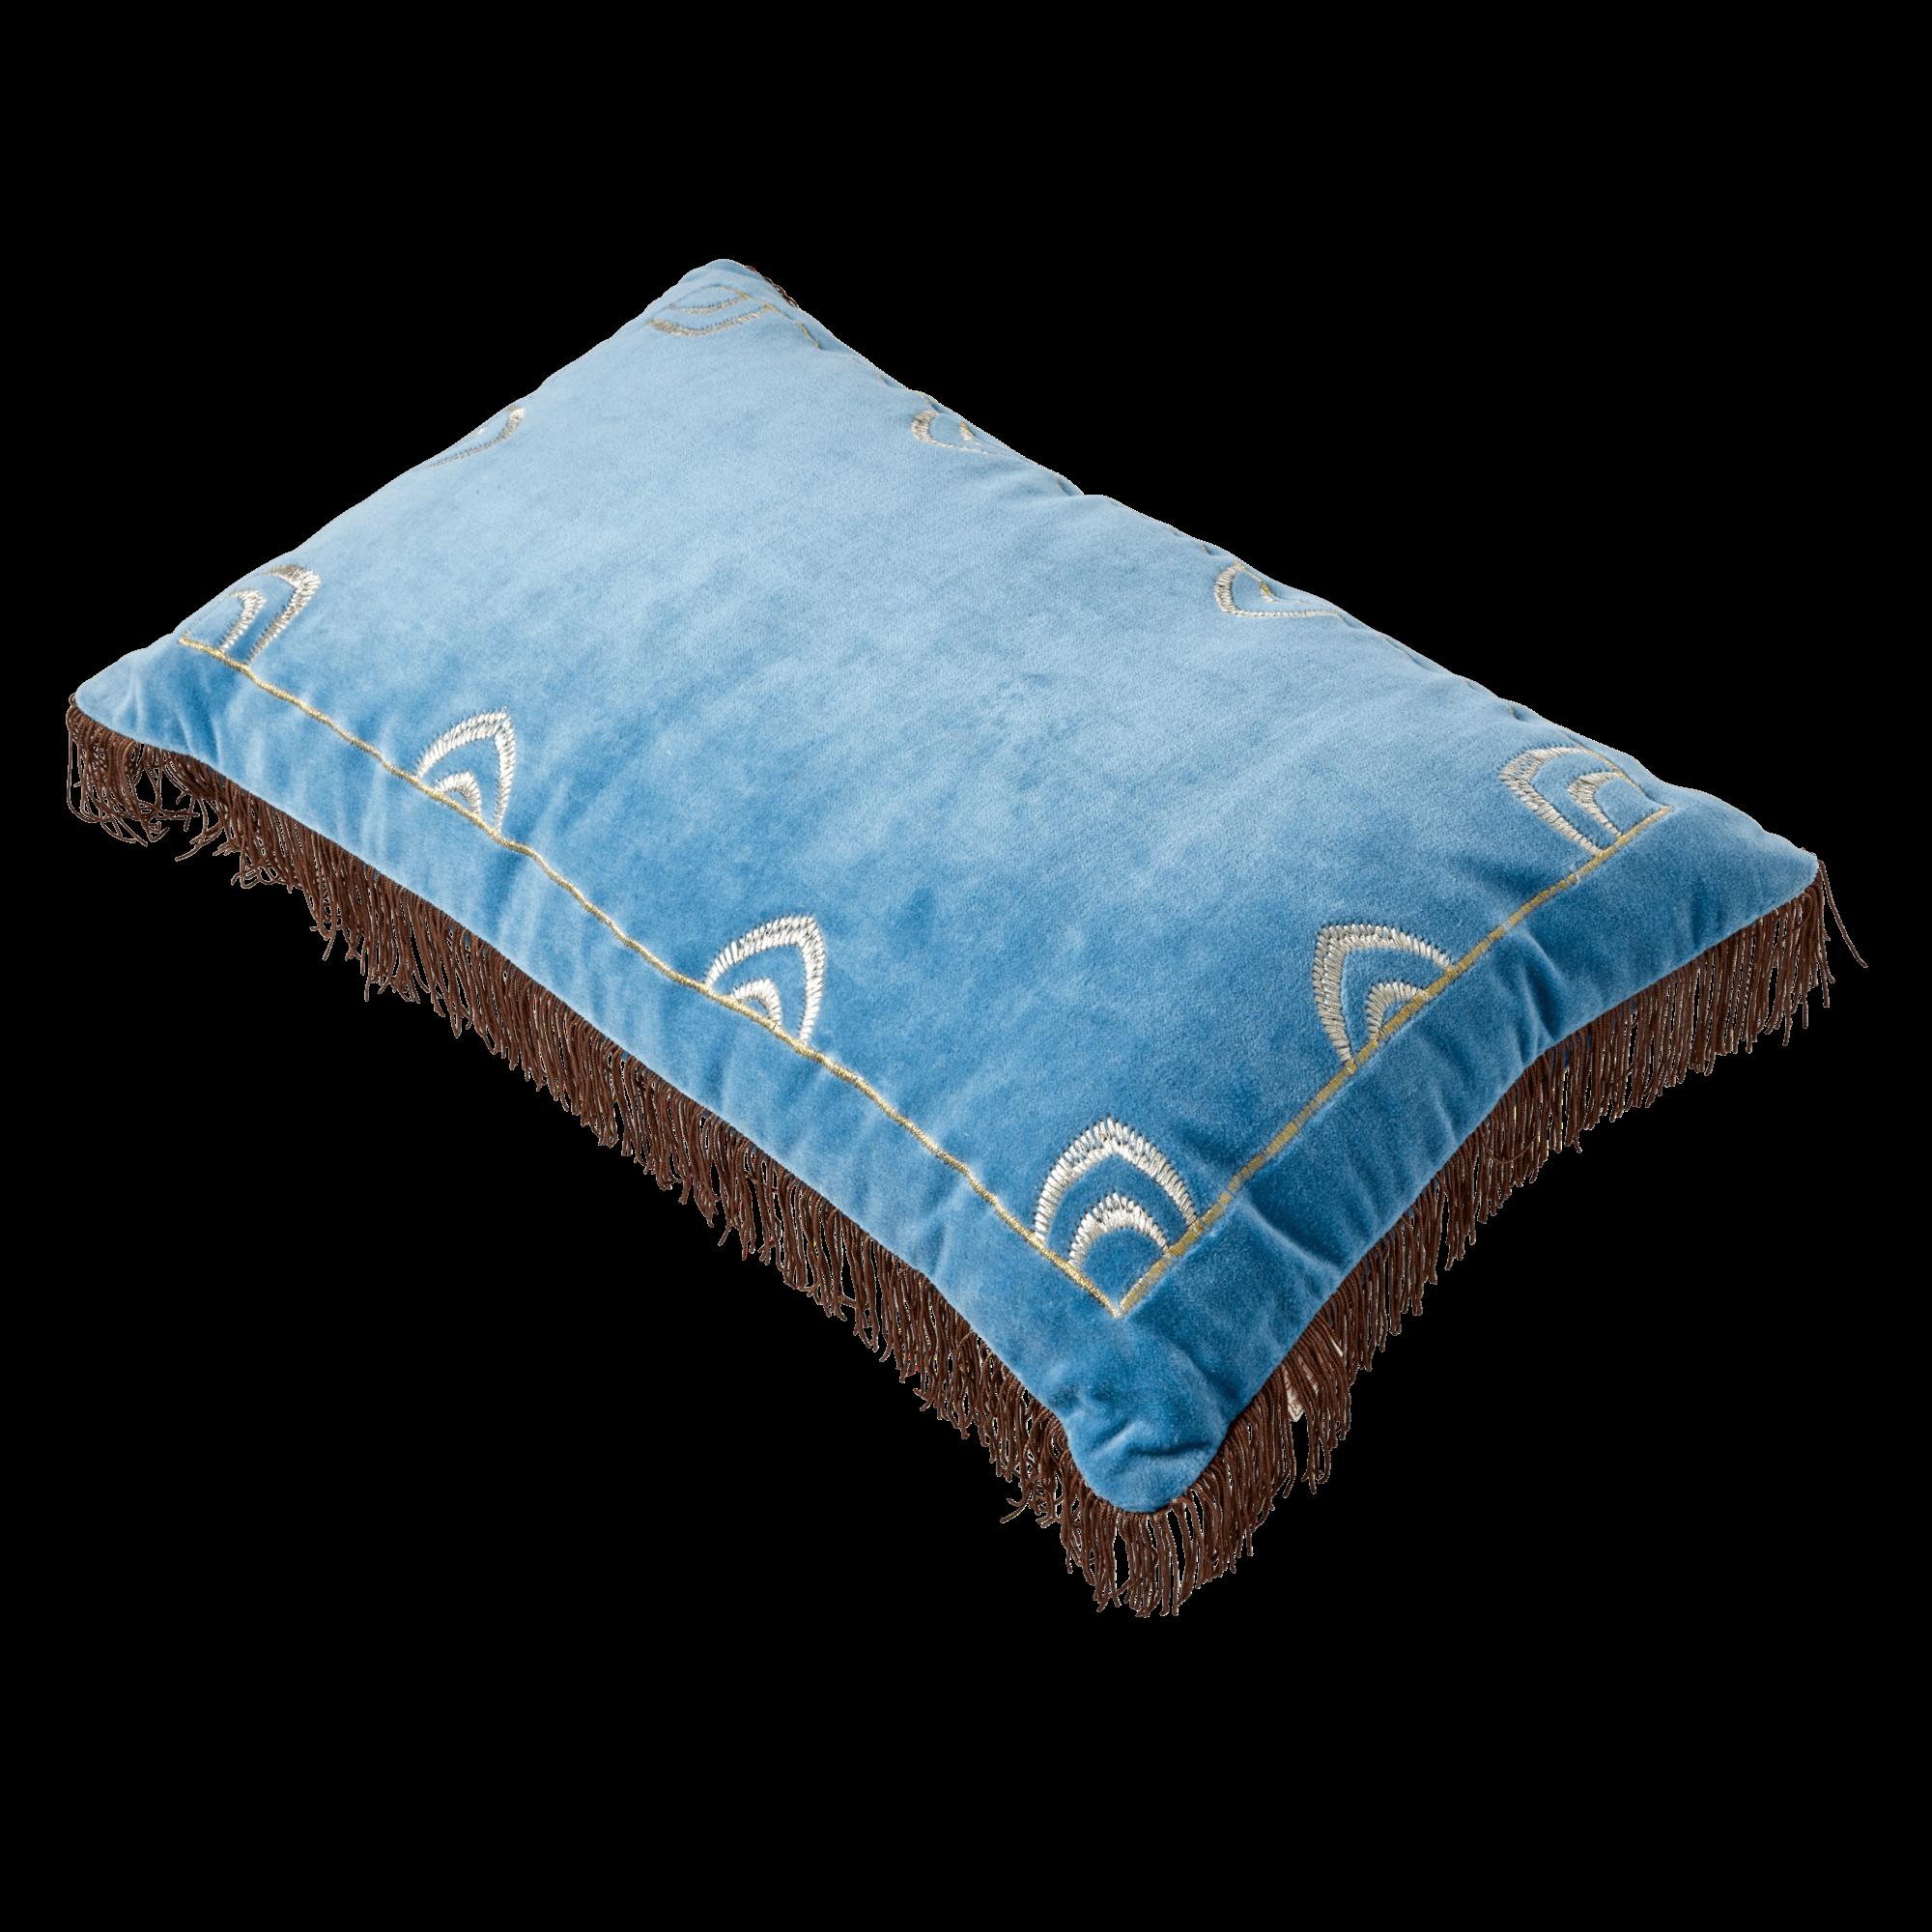 Rice - Rectangular Cushion - Blue w. Brown Tassels